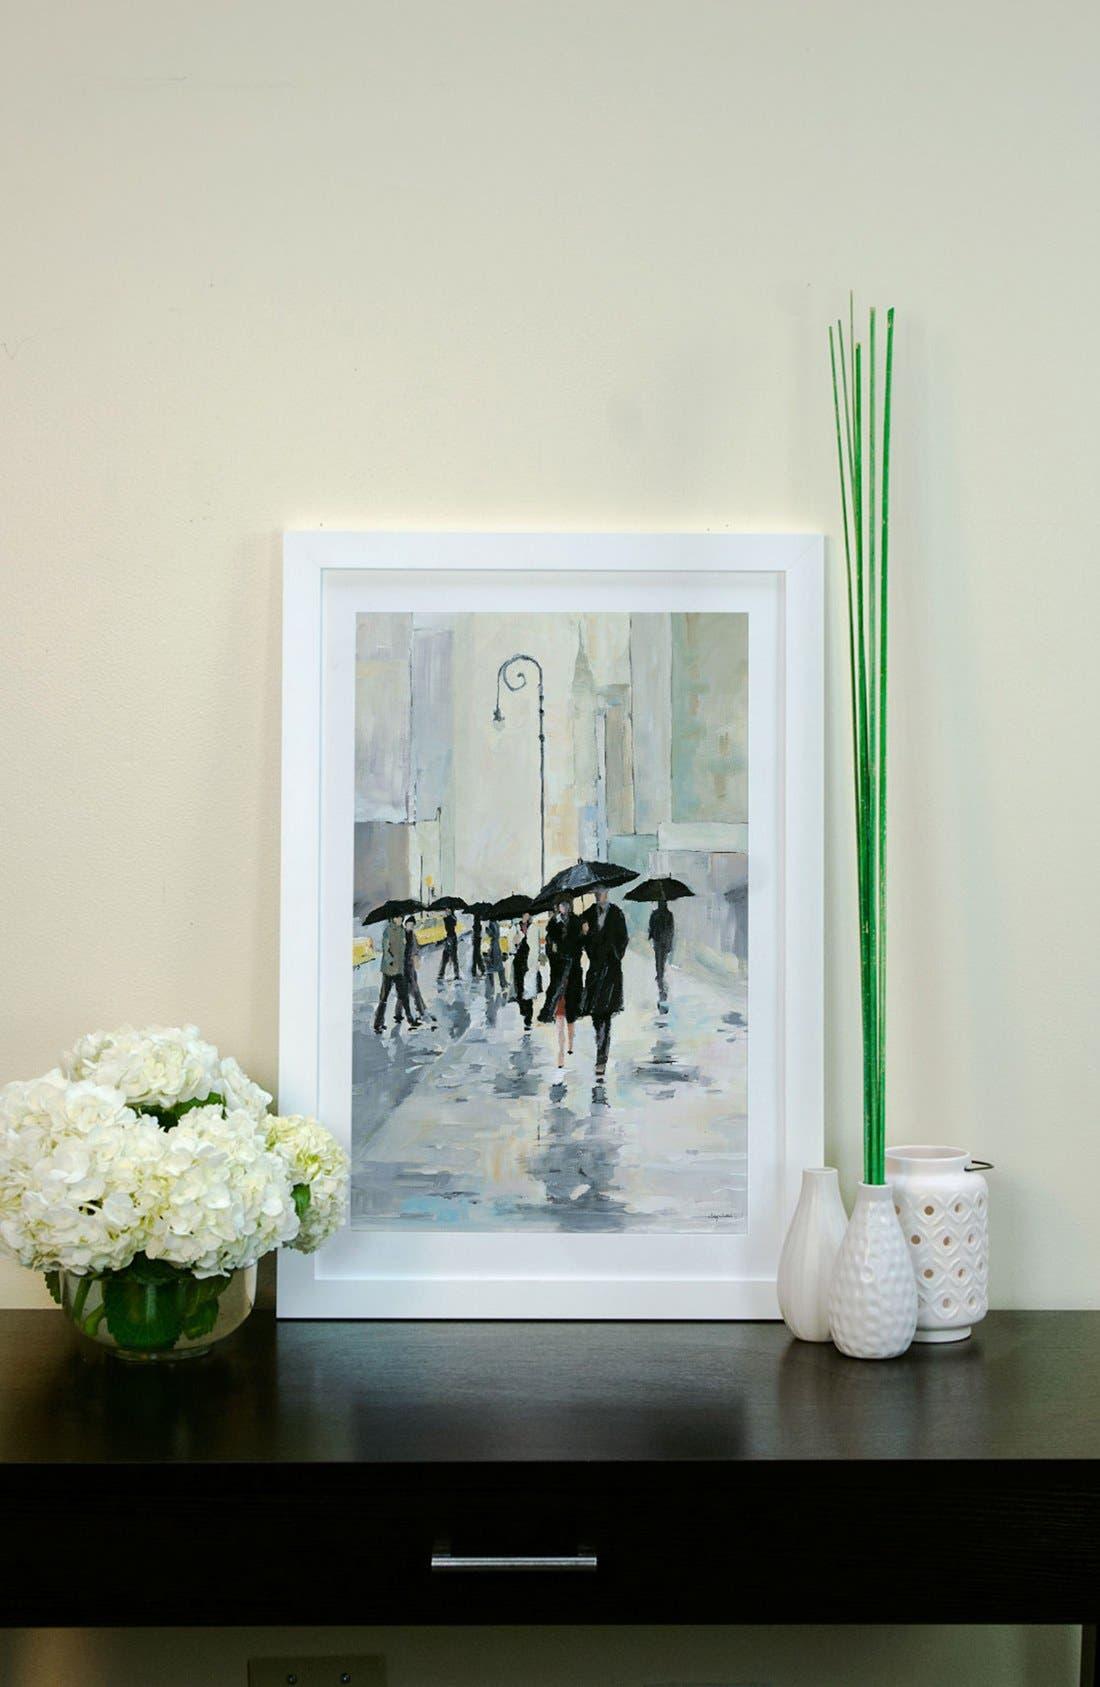 'City in the Rain' Framed Fine Art Print,                             Alternate thumbnail 3, color,